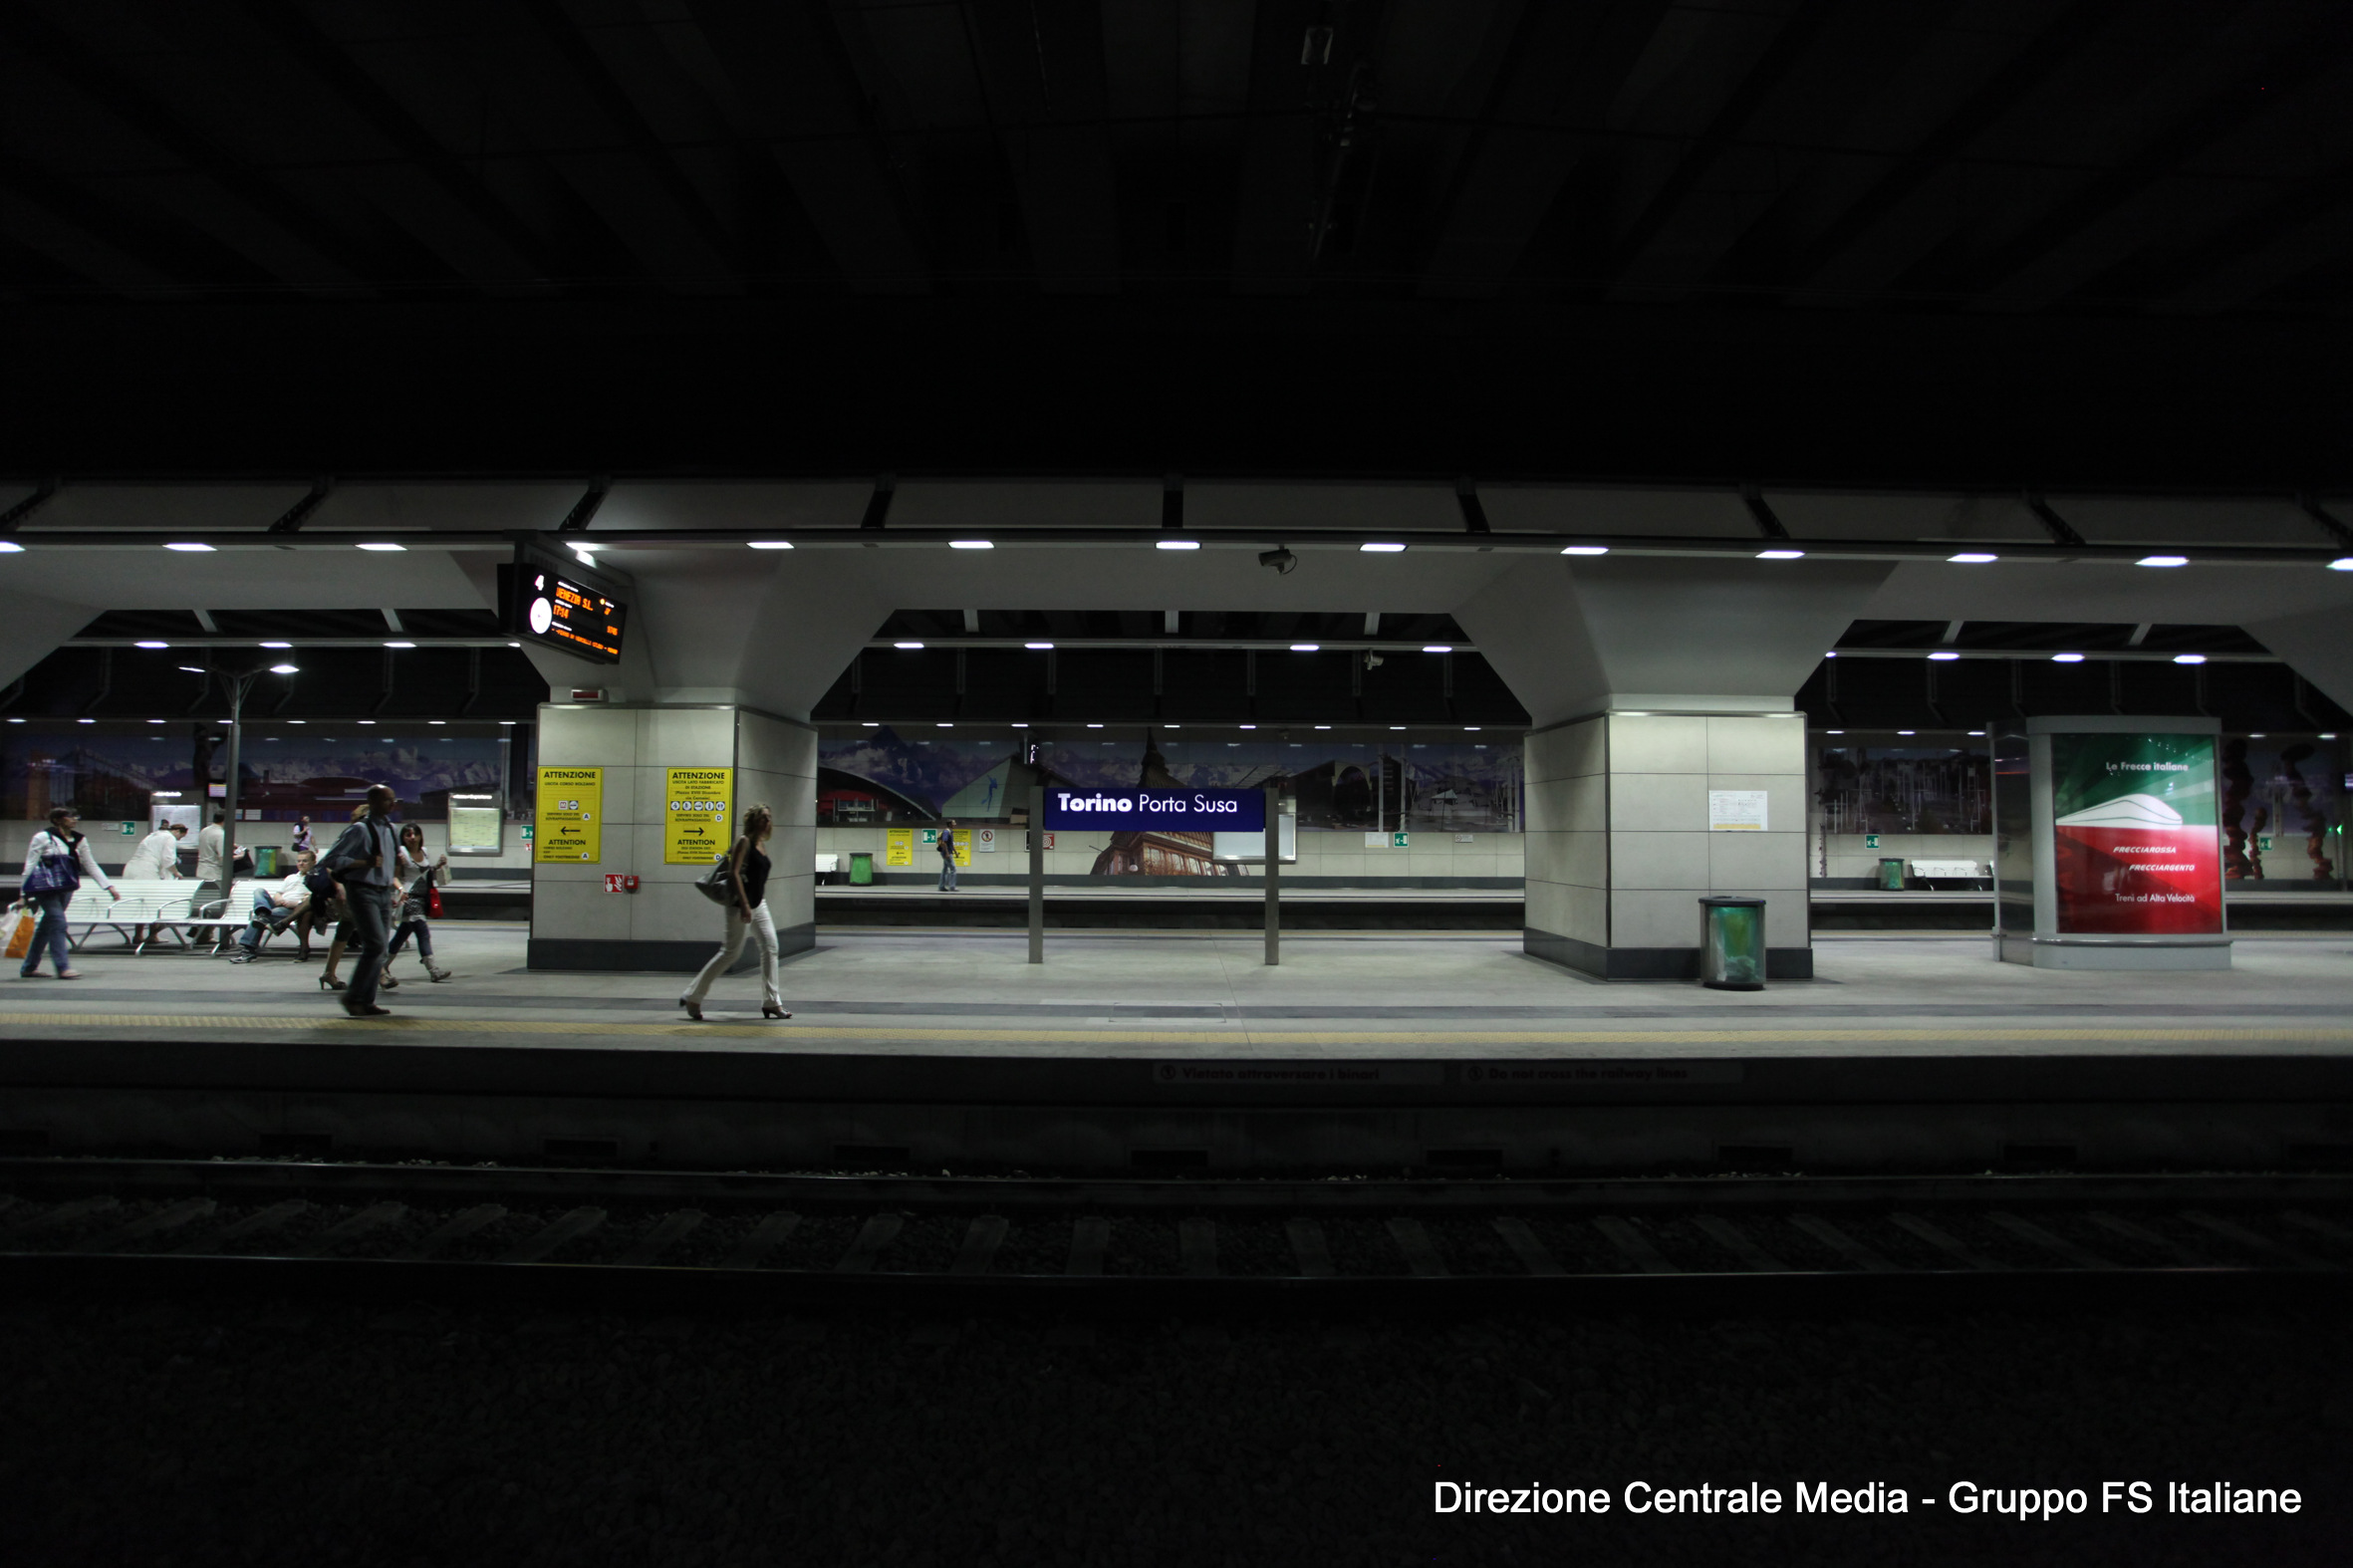 La nuova porta susa collega torino dritto in europa mole24 - Orari treni milano torino porta susa ...